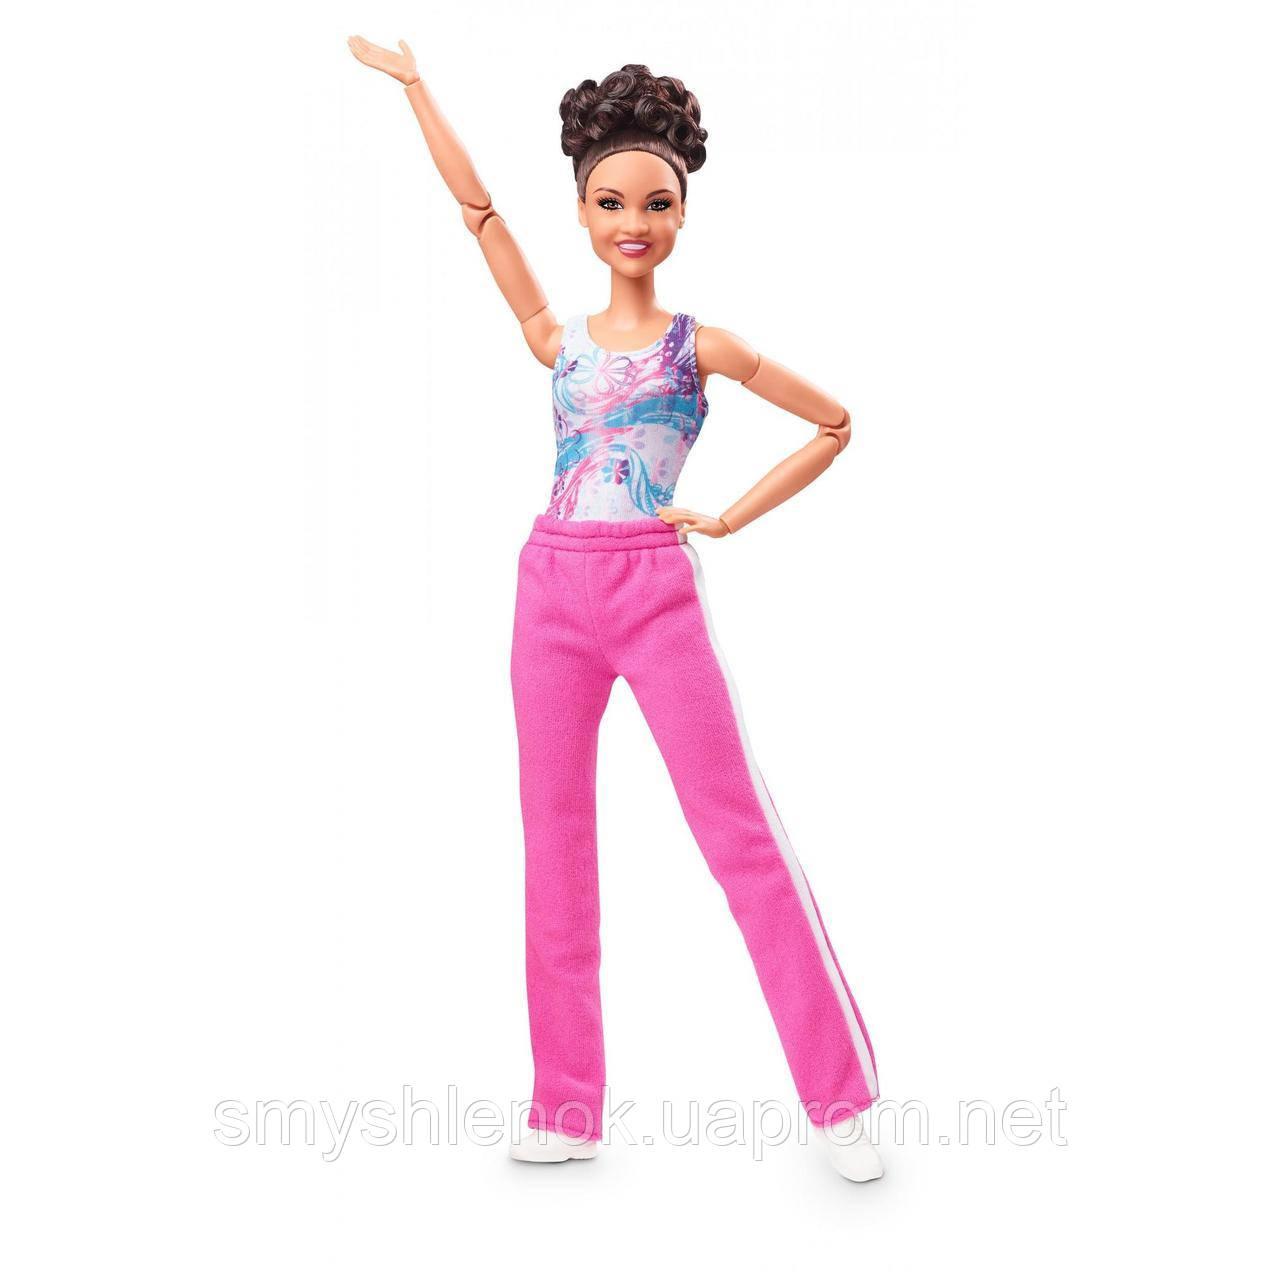 Коллекционная кукла Барби гимнастка Лори Эрнандес